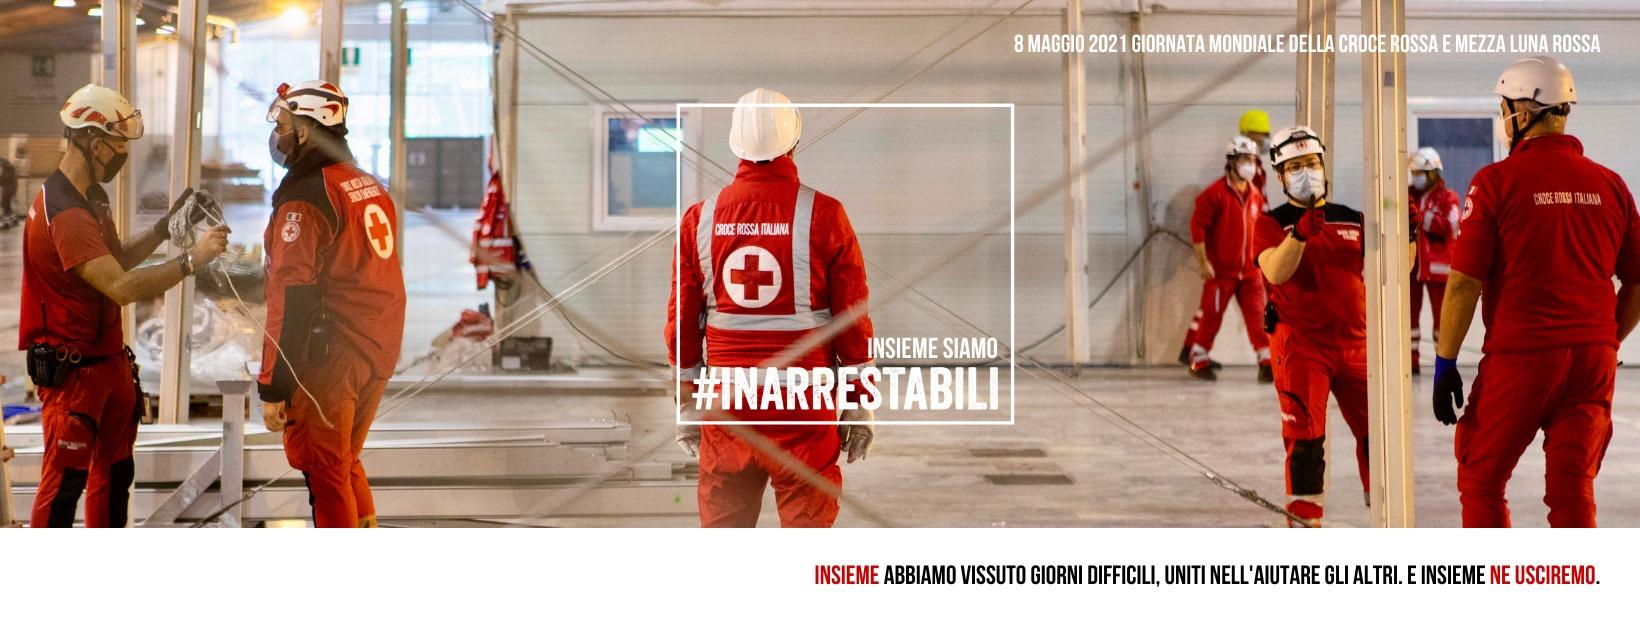 #INARRESTABILI ANCHE IN PIEMONTE: intervista a Maria Eris della CRI piemontese